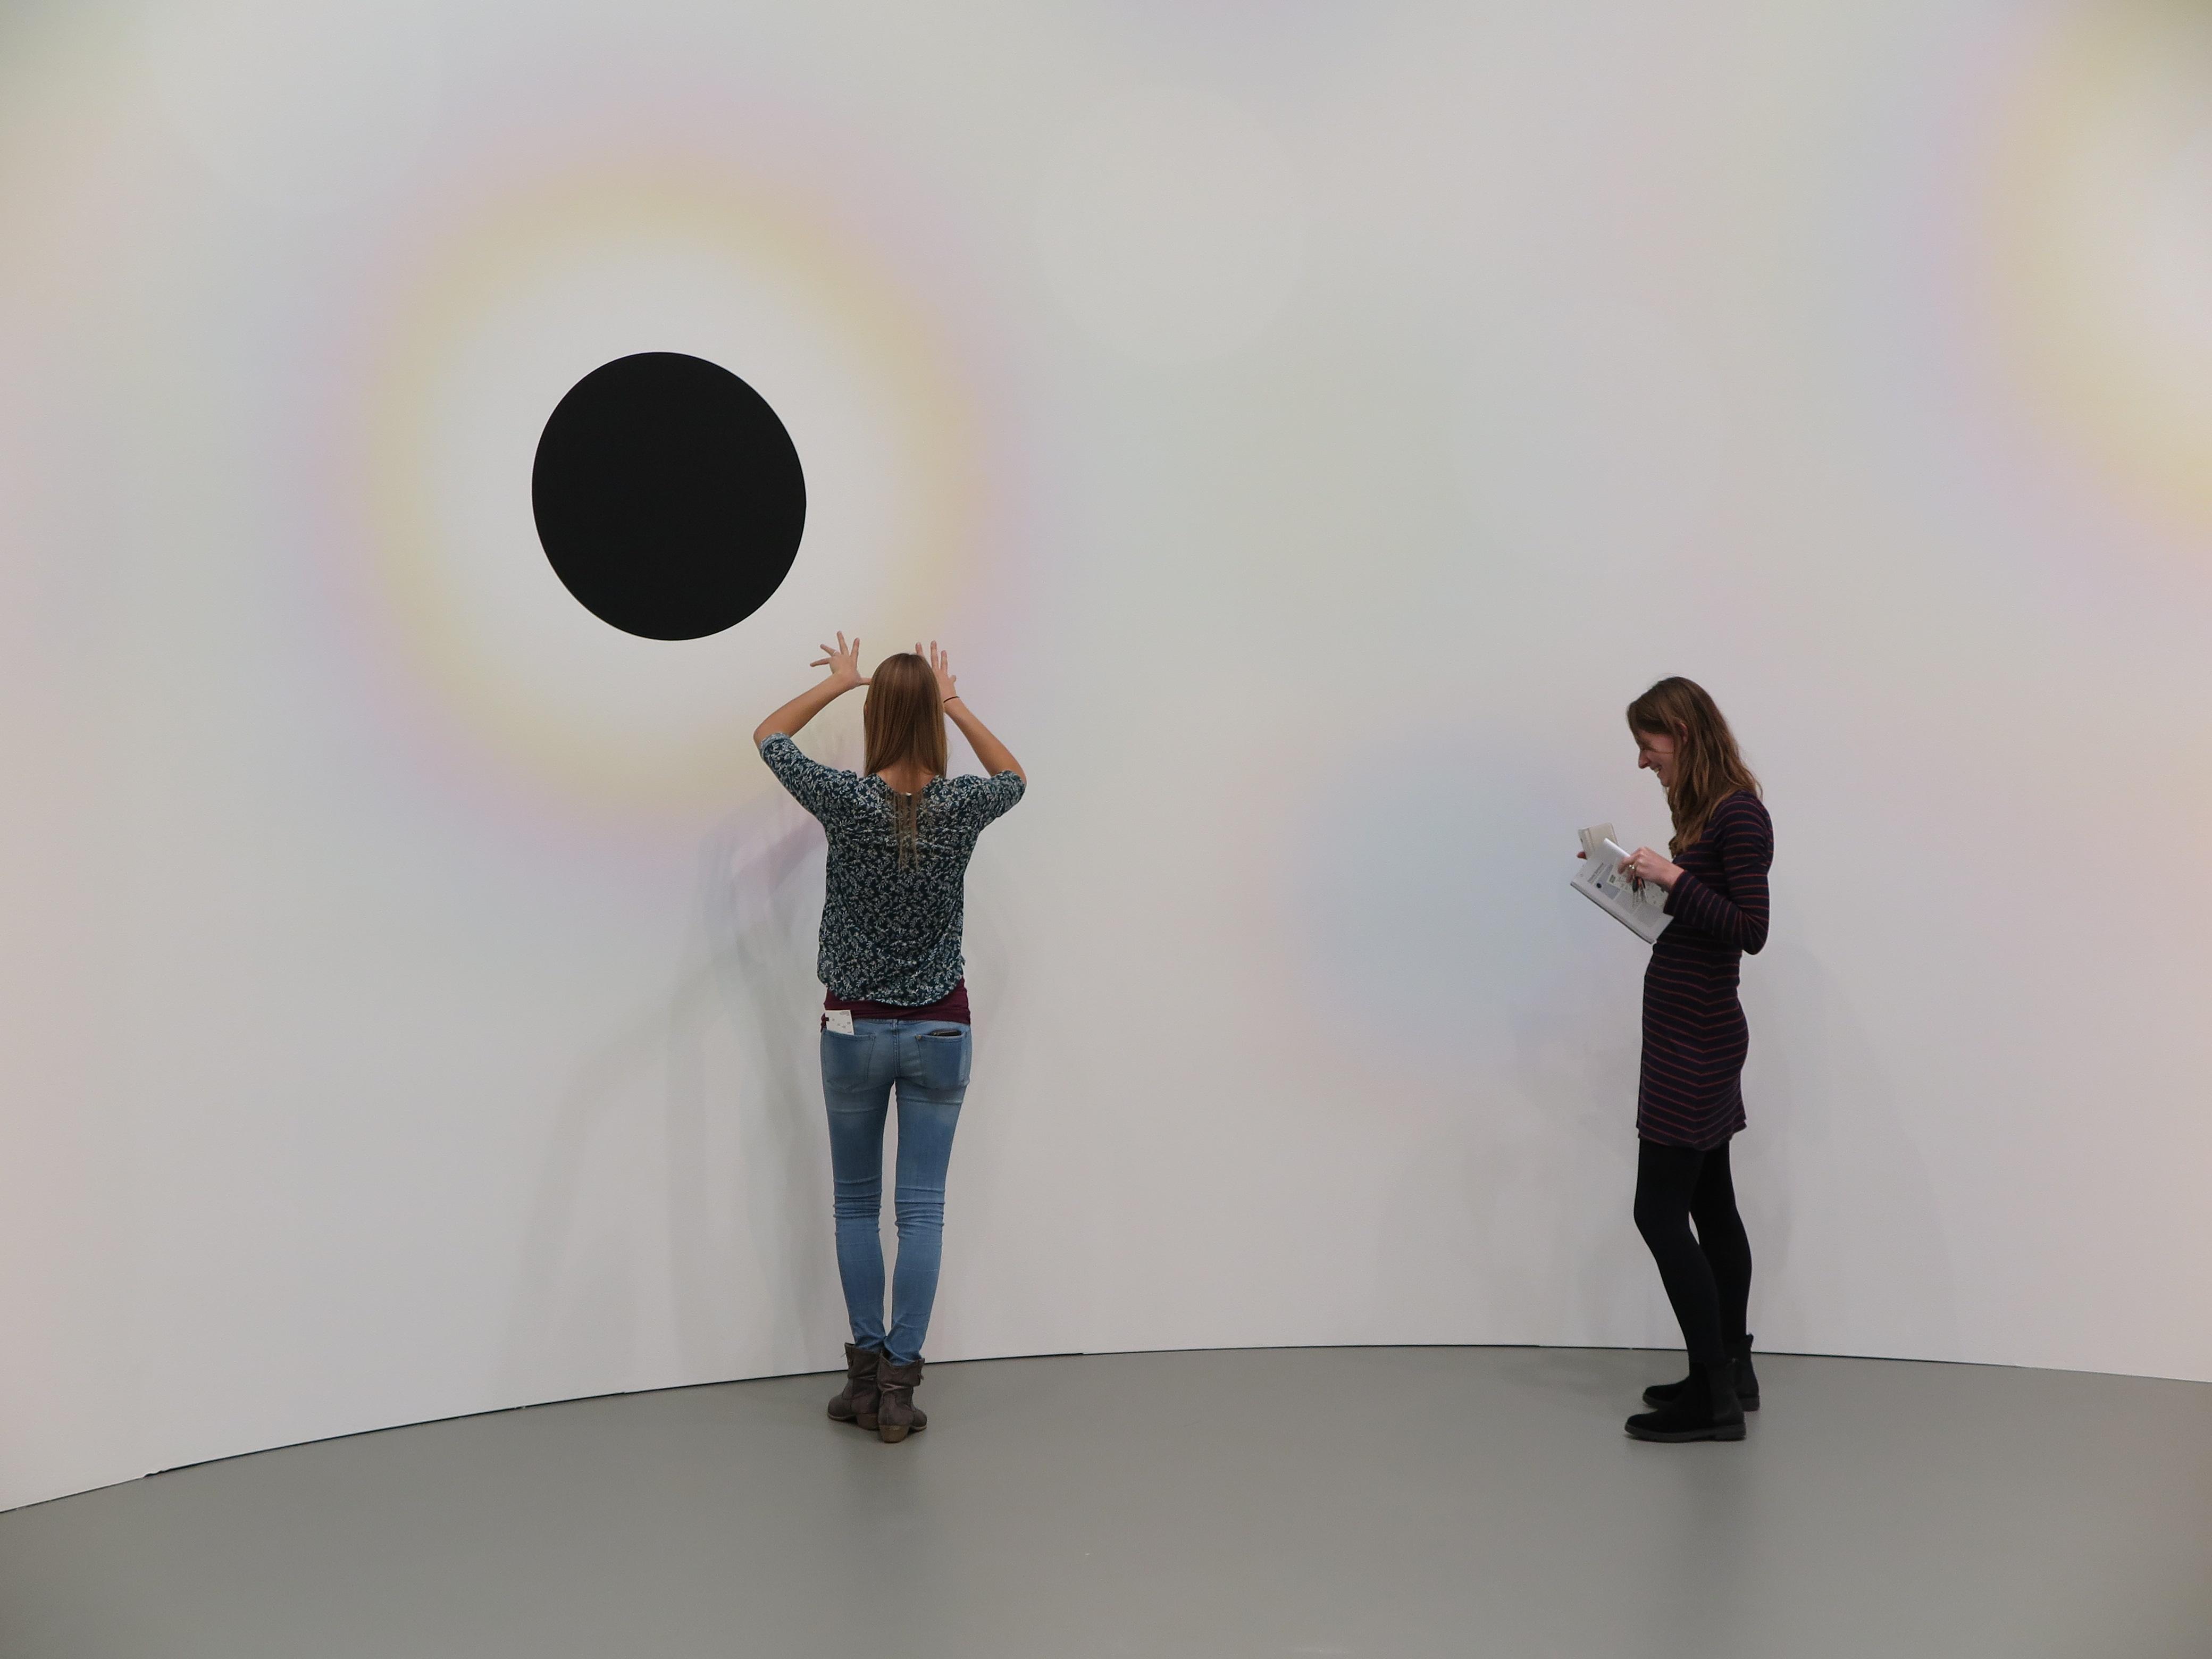 Roland Schimmel - Rapid third eye movement (2015)